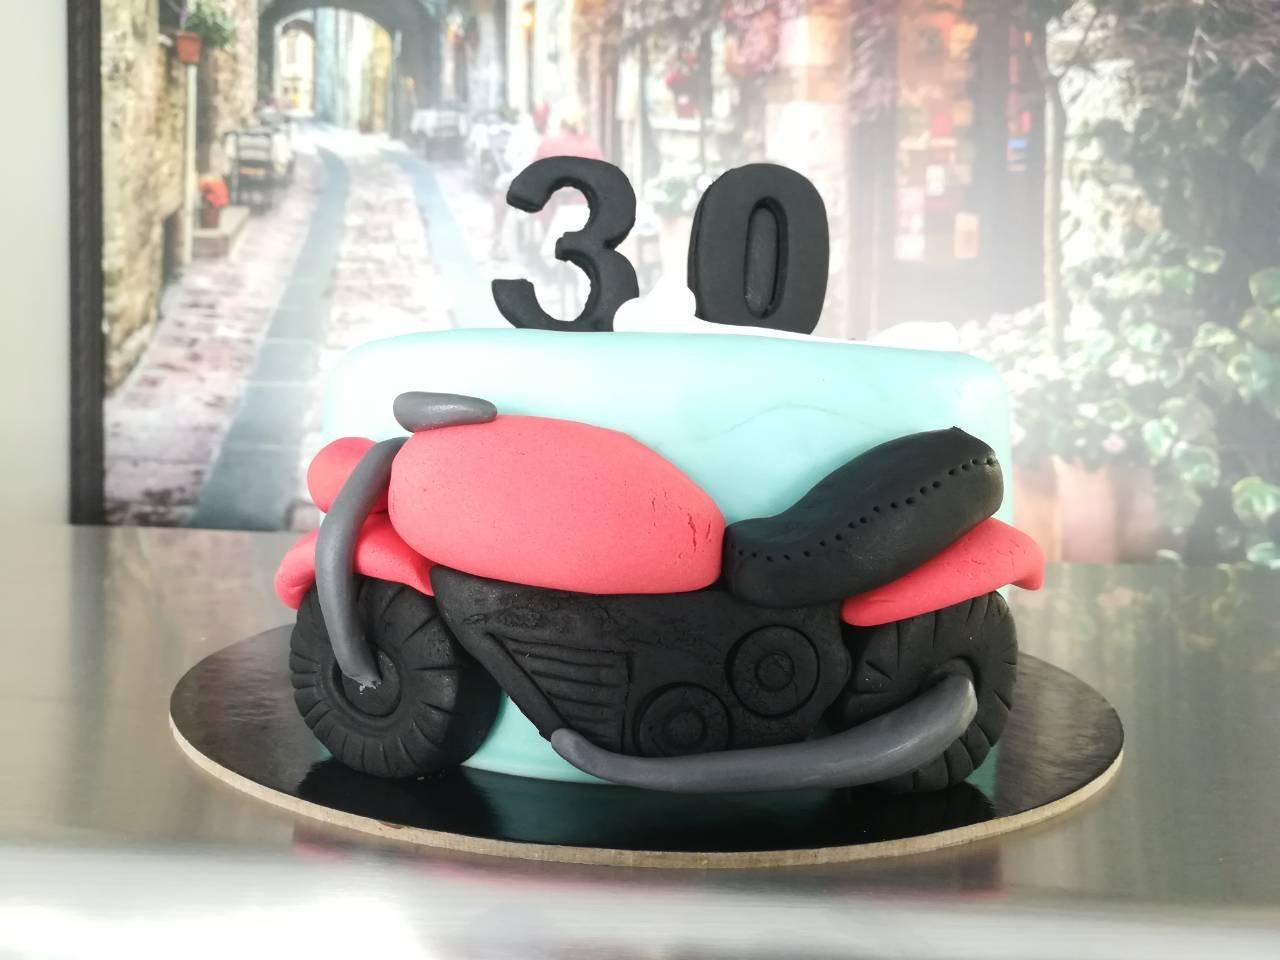 τούρτα από ζαχαρόπαστα motorbike Ζαχαροπλαστείο καλαμάτα madamecharlotte.gr, party birthday cakes 2d 3d confectionery patisserie kalamata